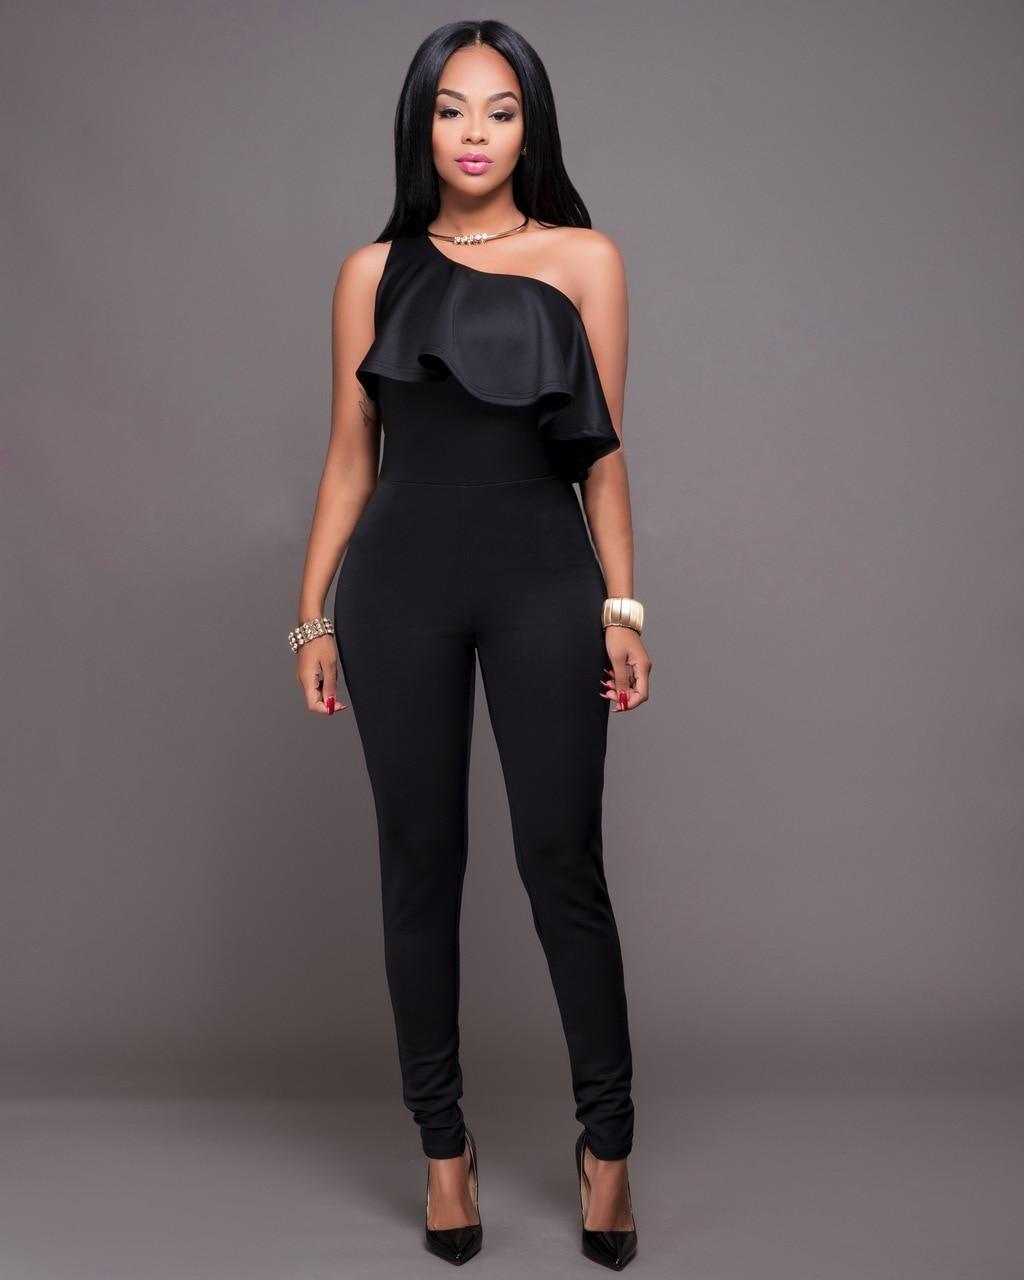 b0c2e984fc0 Amazon Rompers Womens Jumpsuit Overalls Bodysuit model jumpsuit Long Pants  Bodycon Jumpsuits Women 2018 Bodys Para Mujeres Tuta